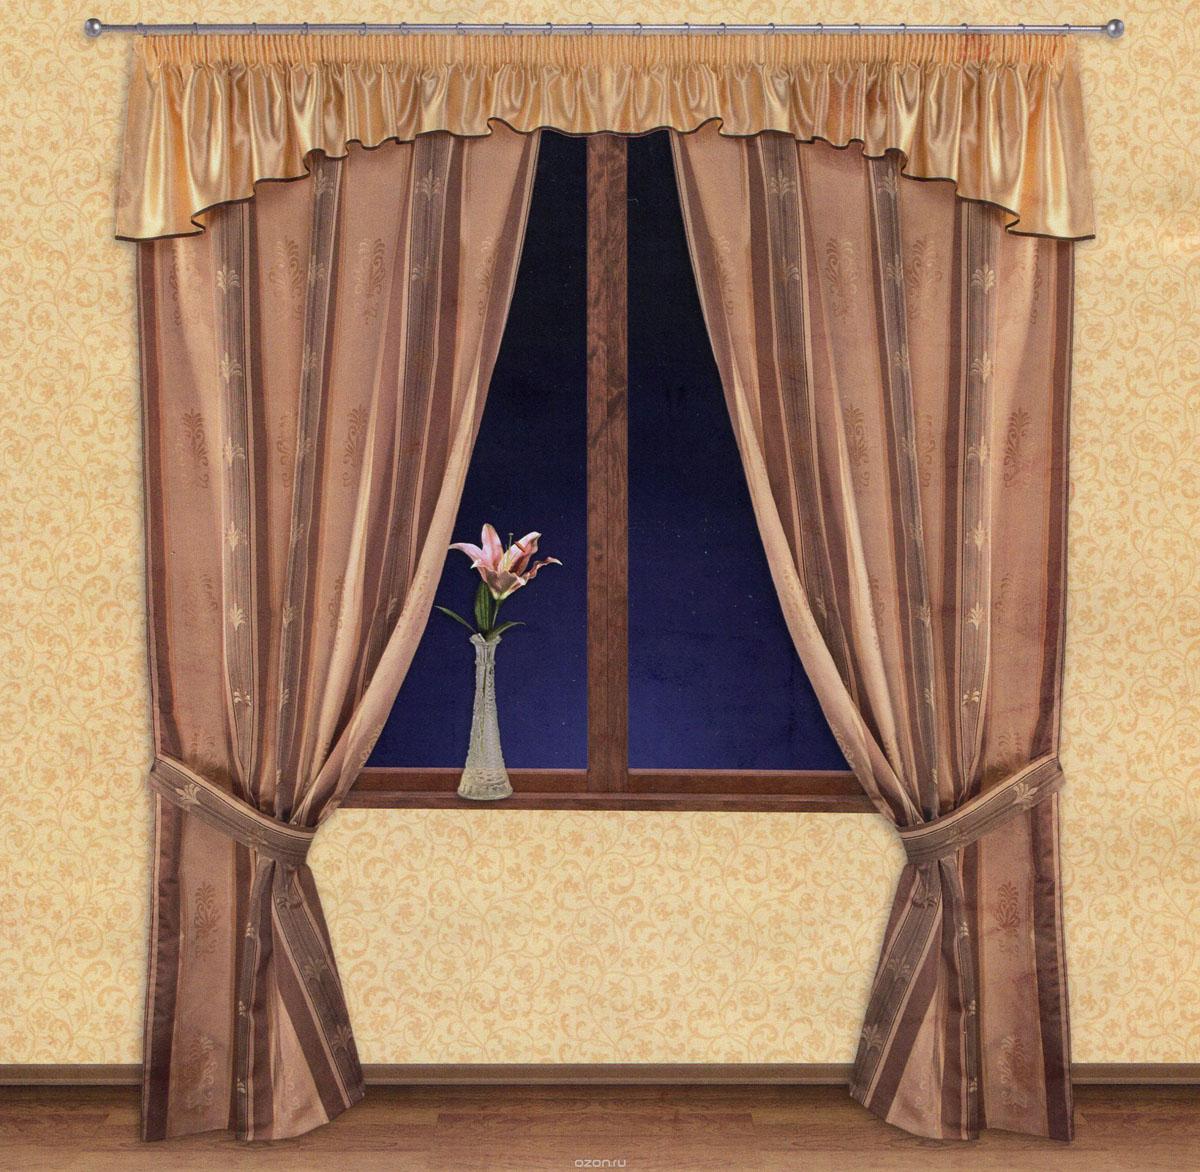 Комплект штор Zlata Korunka, на ленте, цвет: бежевый, коричневый, высота 250 см. 55516SATURN CANCARDРоскошный комплект штор Zlata Korunka, выполненный из ткани барокко и шанзализе (100% полиэстера), великолепно украсит любое окно. Комплект состоит из двух портьер, ламбрекена и двух подхватов. Плотная ткань, оригинальный орнамент и приятная, приглушенная гамма привлекут к себе внимание и органично впишутся в интерьер помещения. Комплект крепится на карниз при помощи шторной ленты, которая поможет красиво и равномерно задрапировать верх. Портьеры можно зафиксировать в одном положении с помощью двух подхватов. Этот комплект будет долгое время радовать вас и вашу семью! В комплект входит: Портьера: 2 шт. Размер (ШхВ): 140 см х 250 см. Ламбрекен: 1 шт. Размер (ШхВ): 400 см х 50 см.Подхват: 2 шт. Размер (ШхВ): 60 см х 10 см.